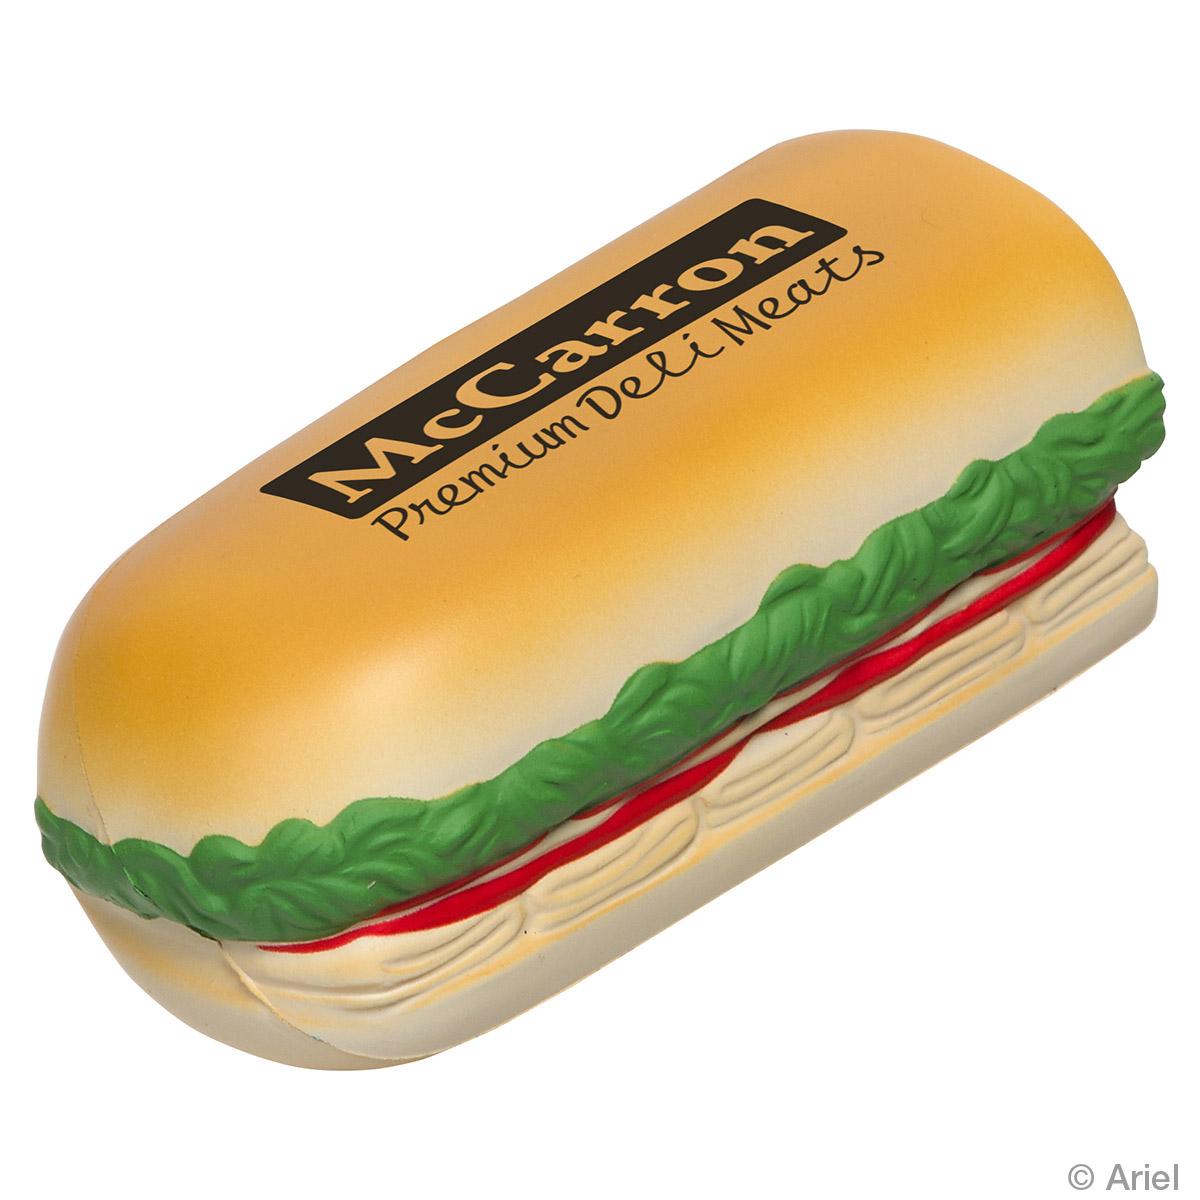 Sub Sandwich, LFD-SS17 - 1 Colour Imprint